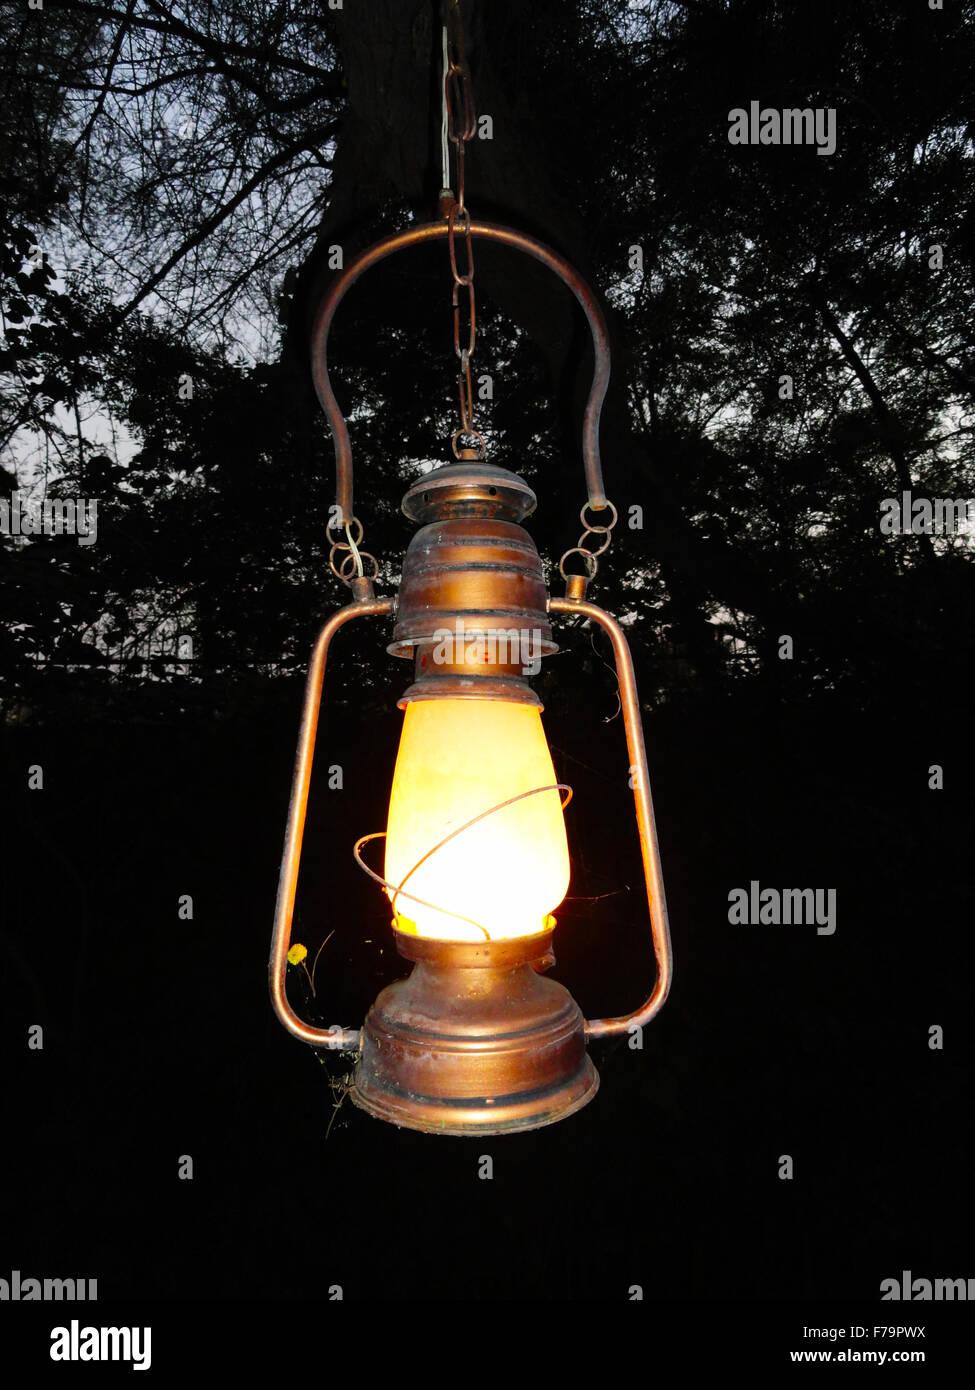 Old Kerosene Hanging Lantern - Stock Image